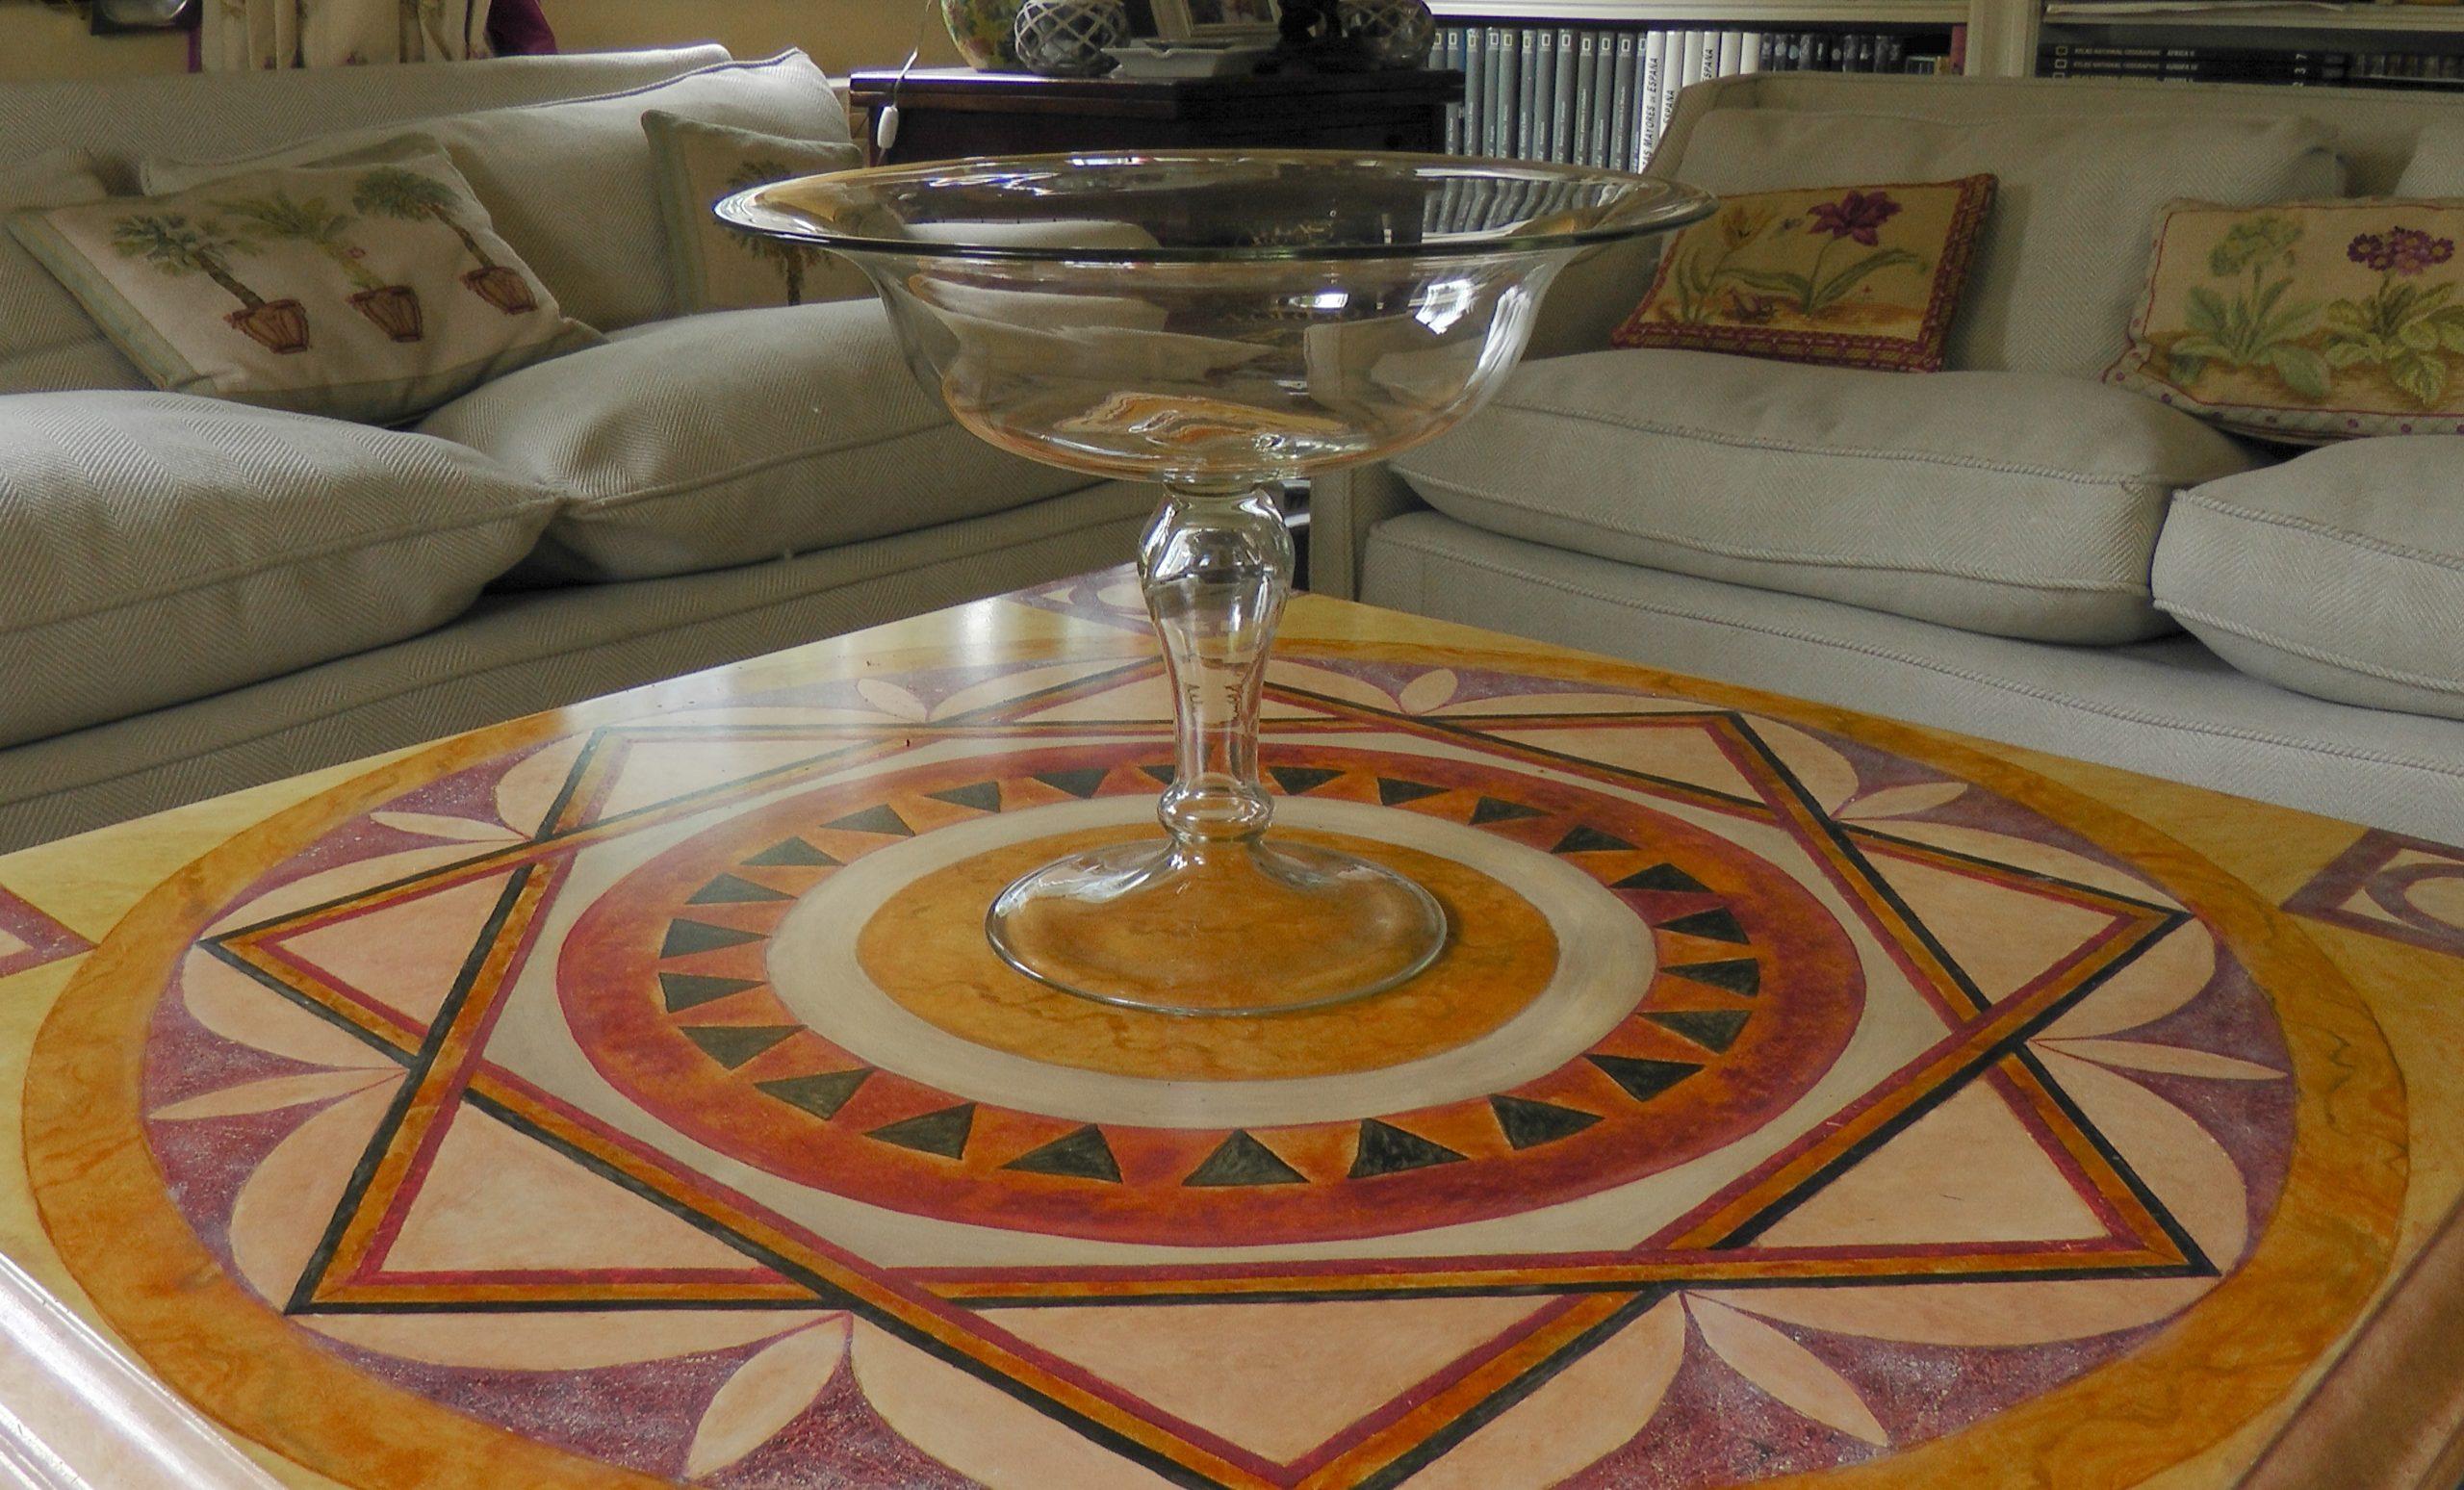 Detalle tablero de mesa de centro con dibujo de piedras duras